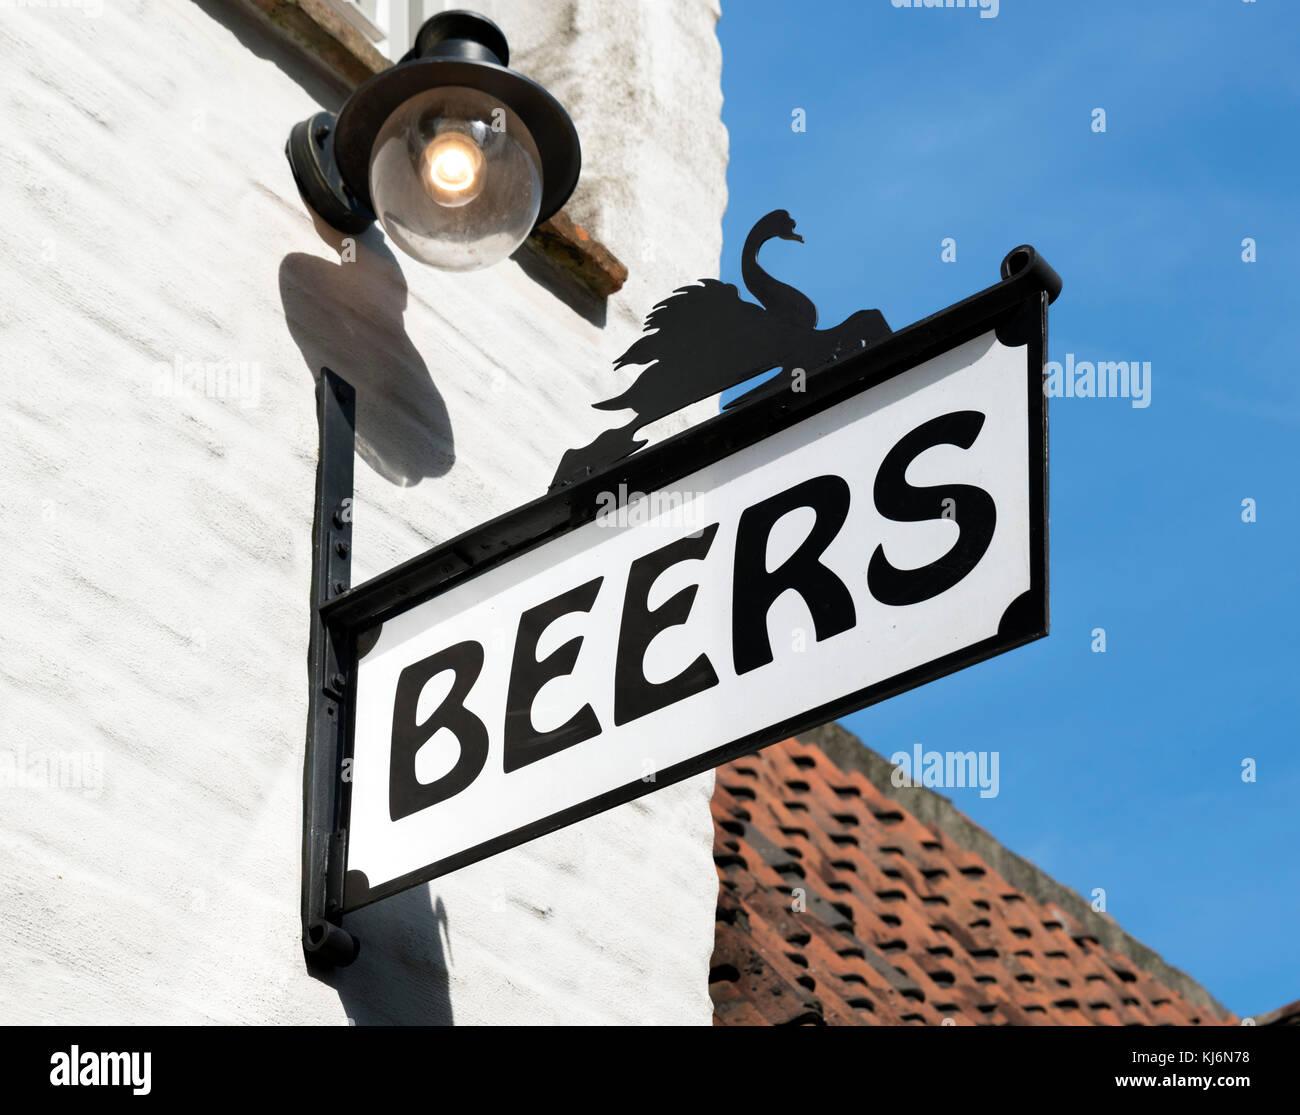 Beer shop selling Belgian beers in Bruges (Brugge), Belgium. - Stock Image